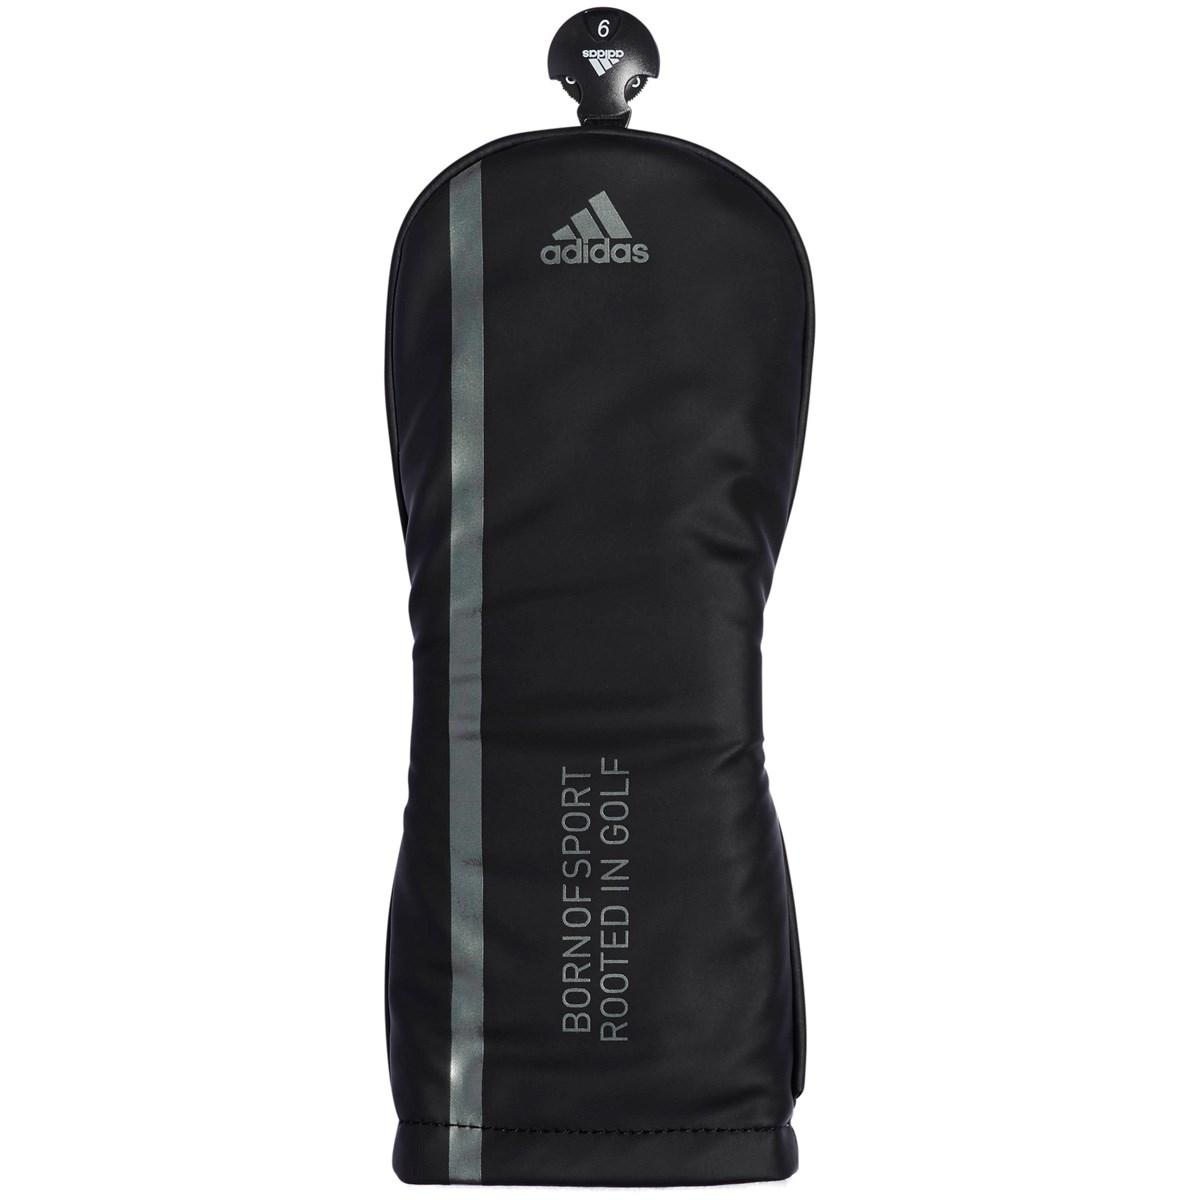 [2019年モデル] アディダス adidas マット ヘッドカバー FW用 ブラック メンズ ゴルフ